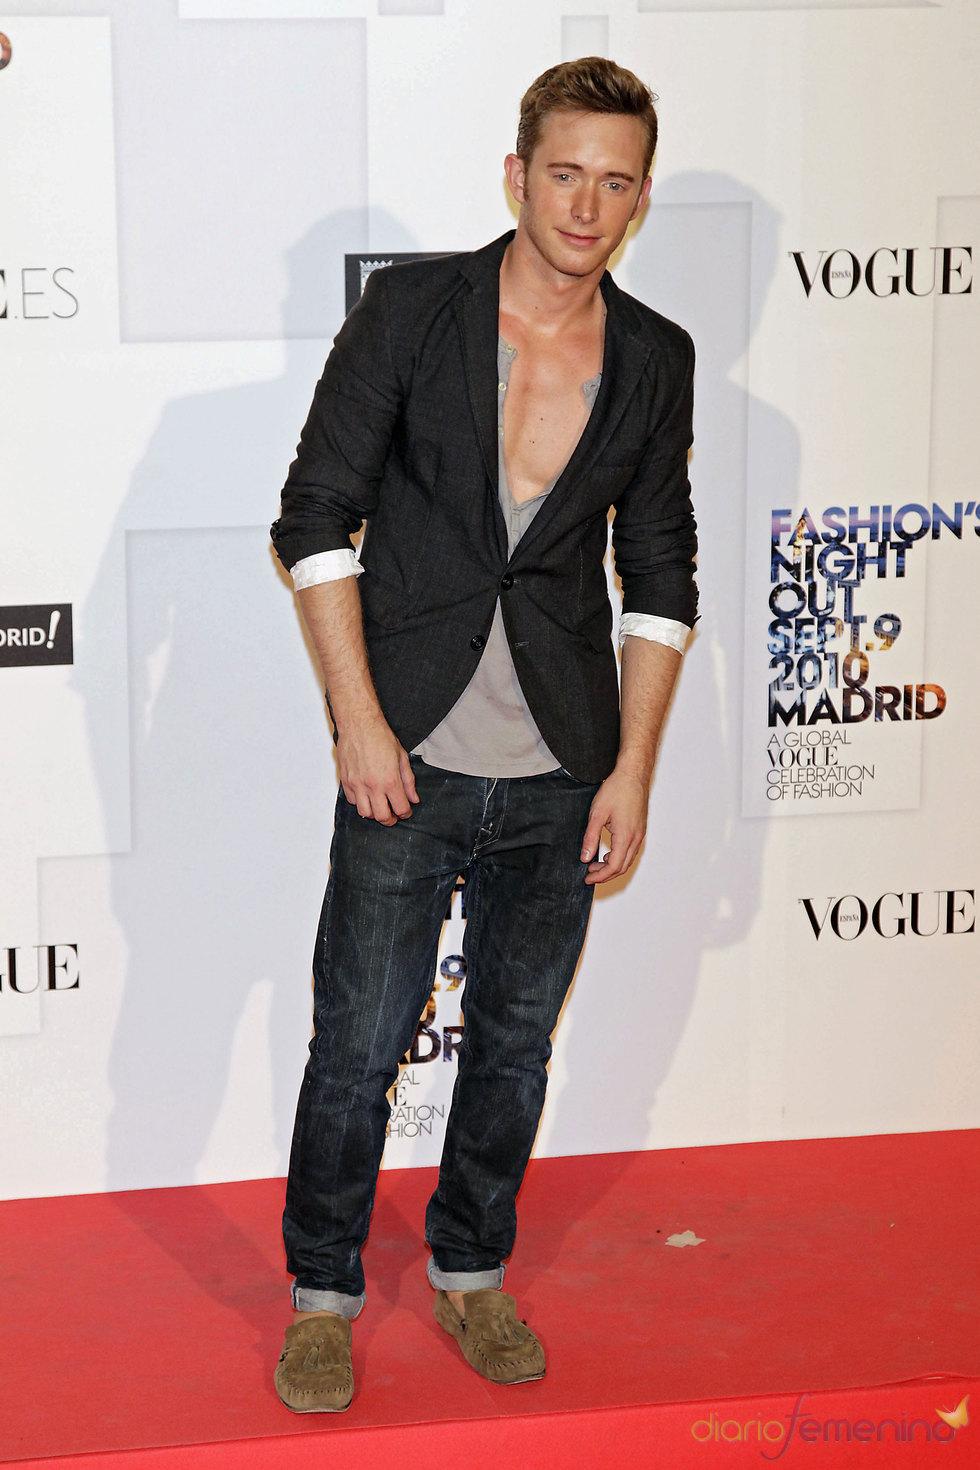 Pablo Rivero en la fiesta de Vogue en Madrid